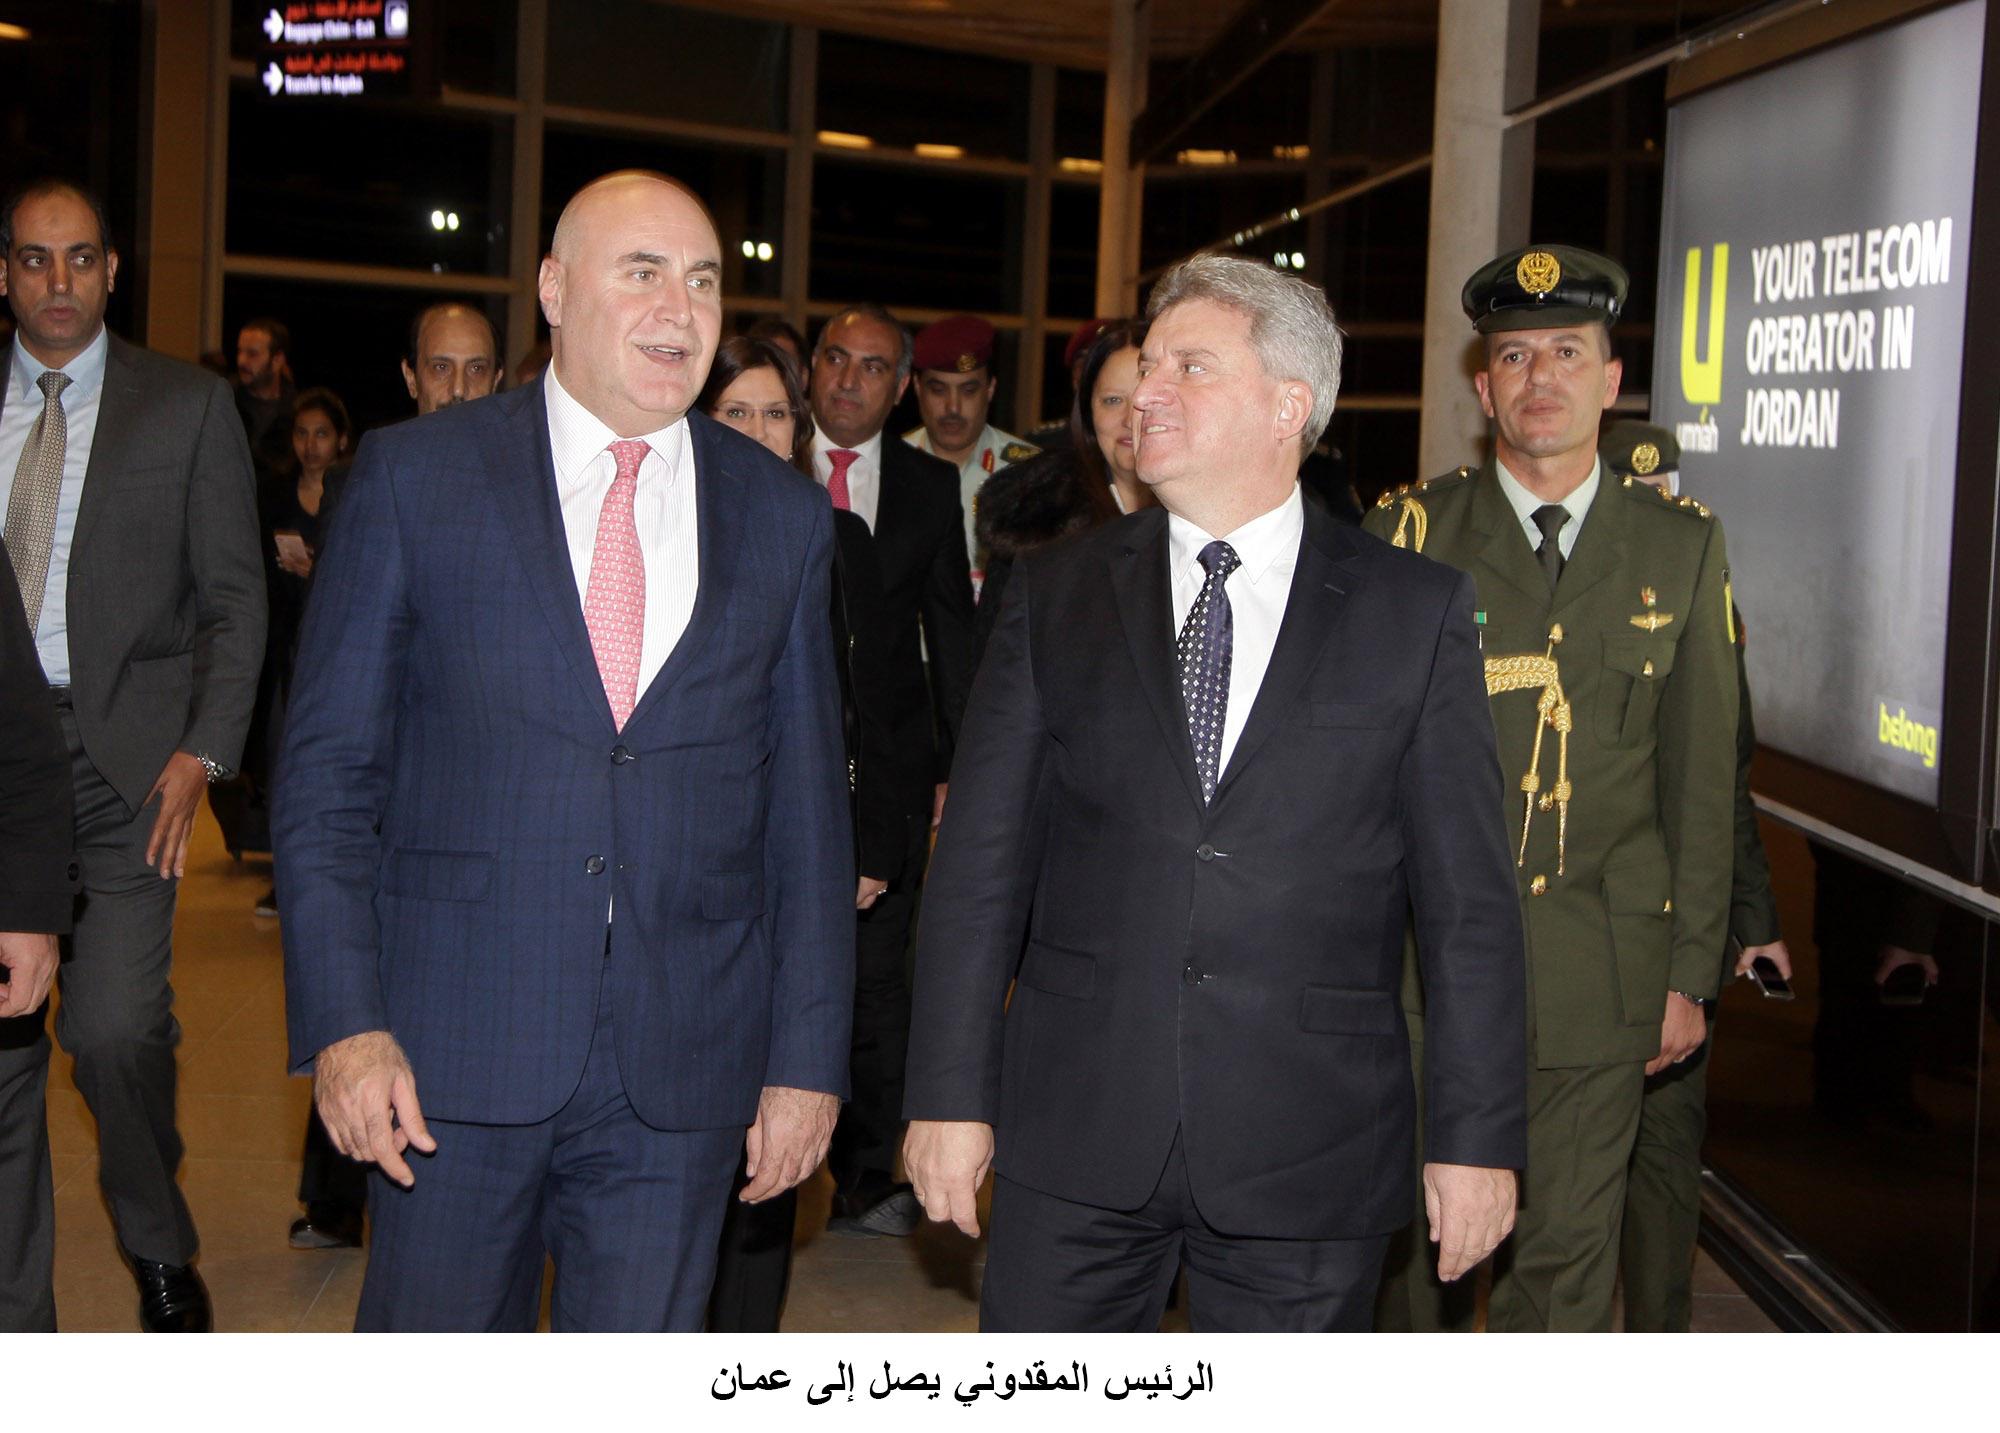 amman jordan news